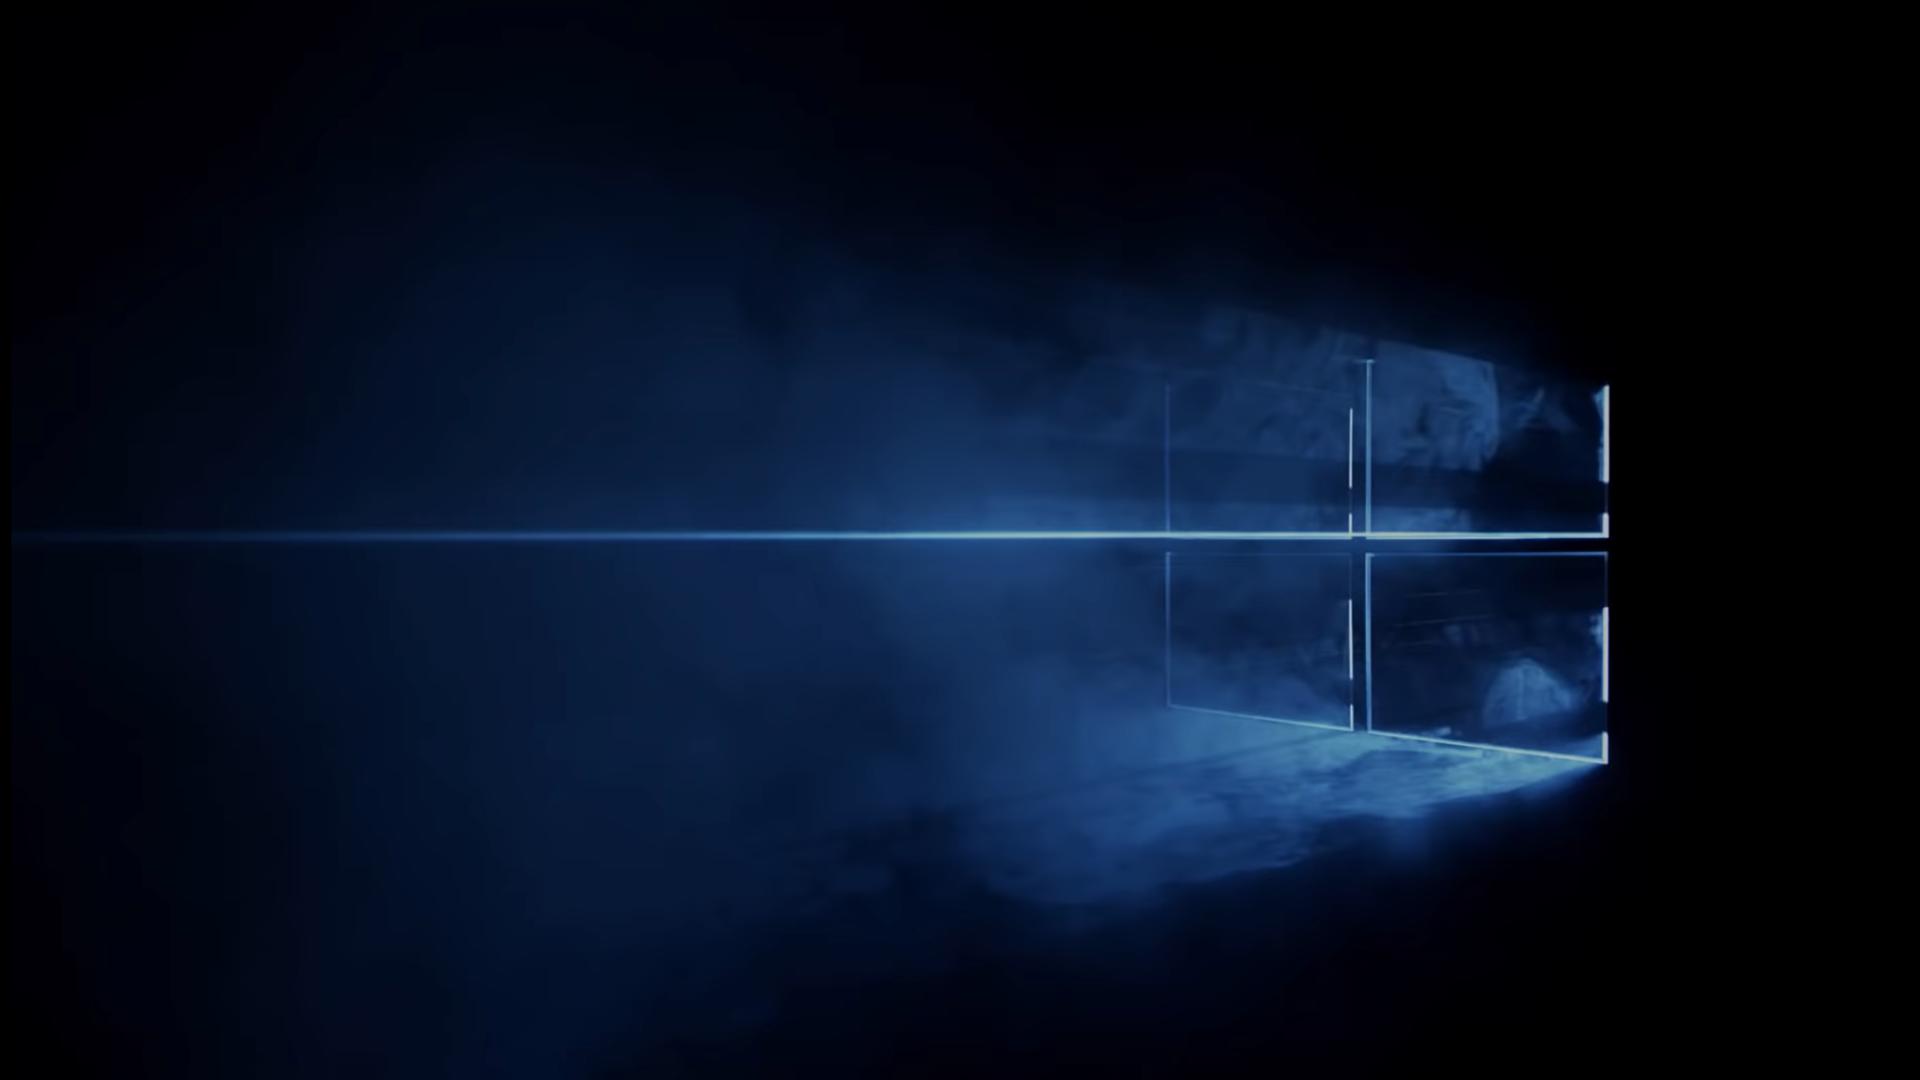 Windows10の窓をイメージした標準壁紙 Cgではなく実写だった 今なおメイキング動画に驚き まいどなニュース